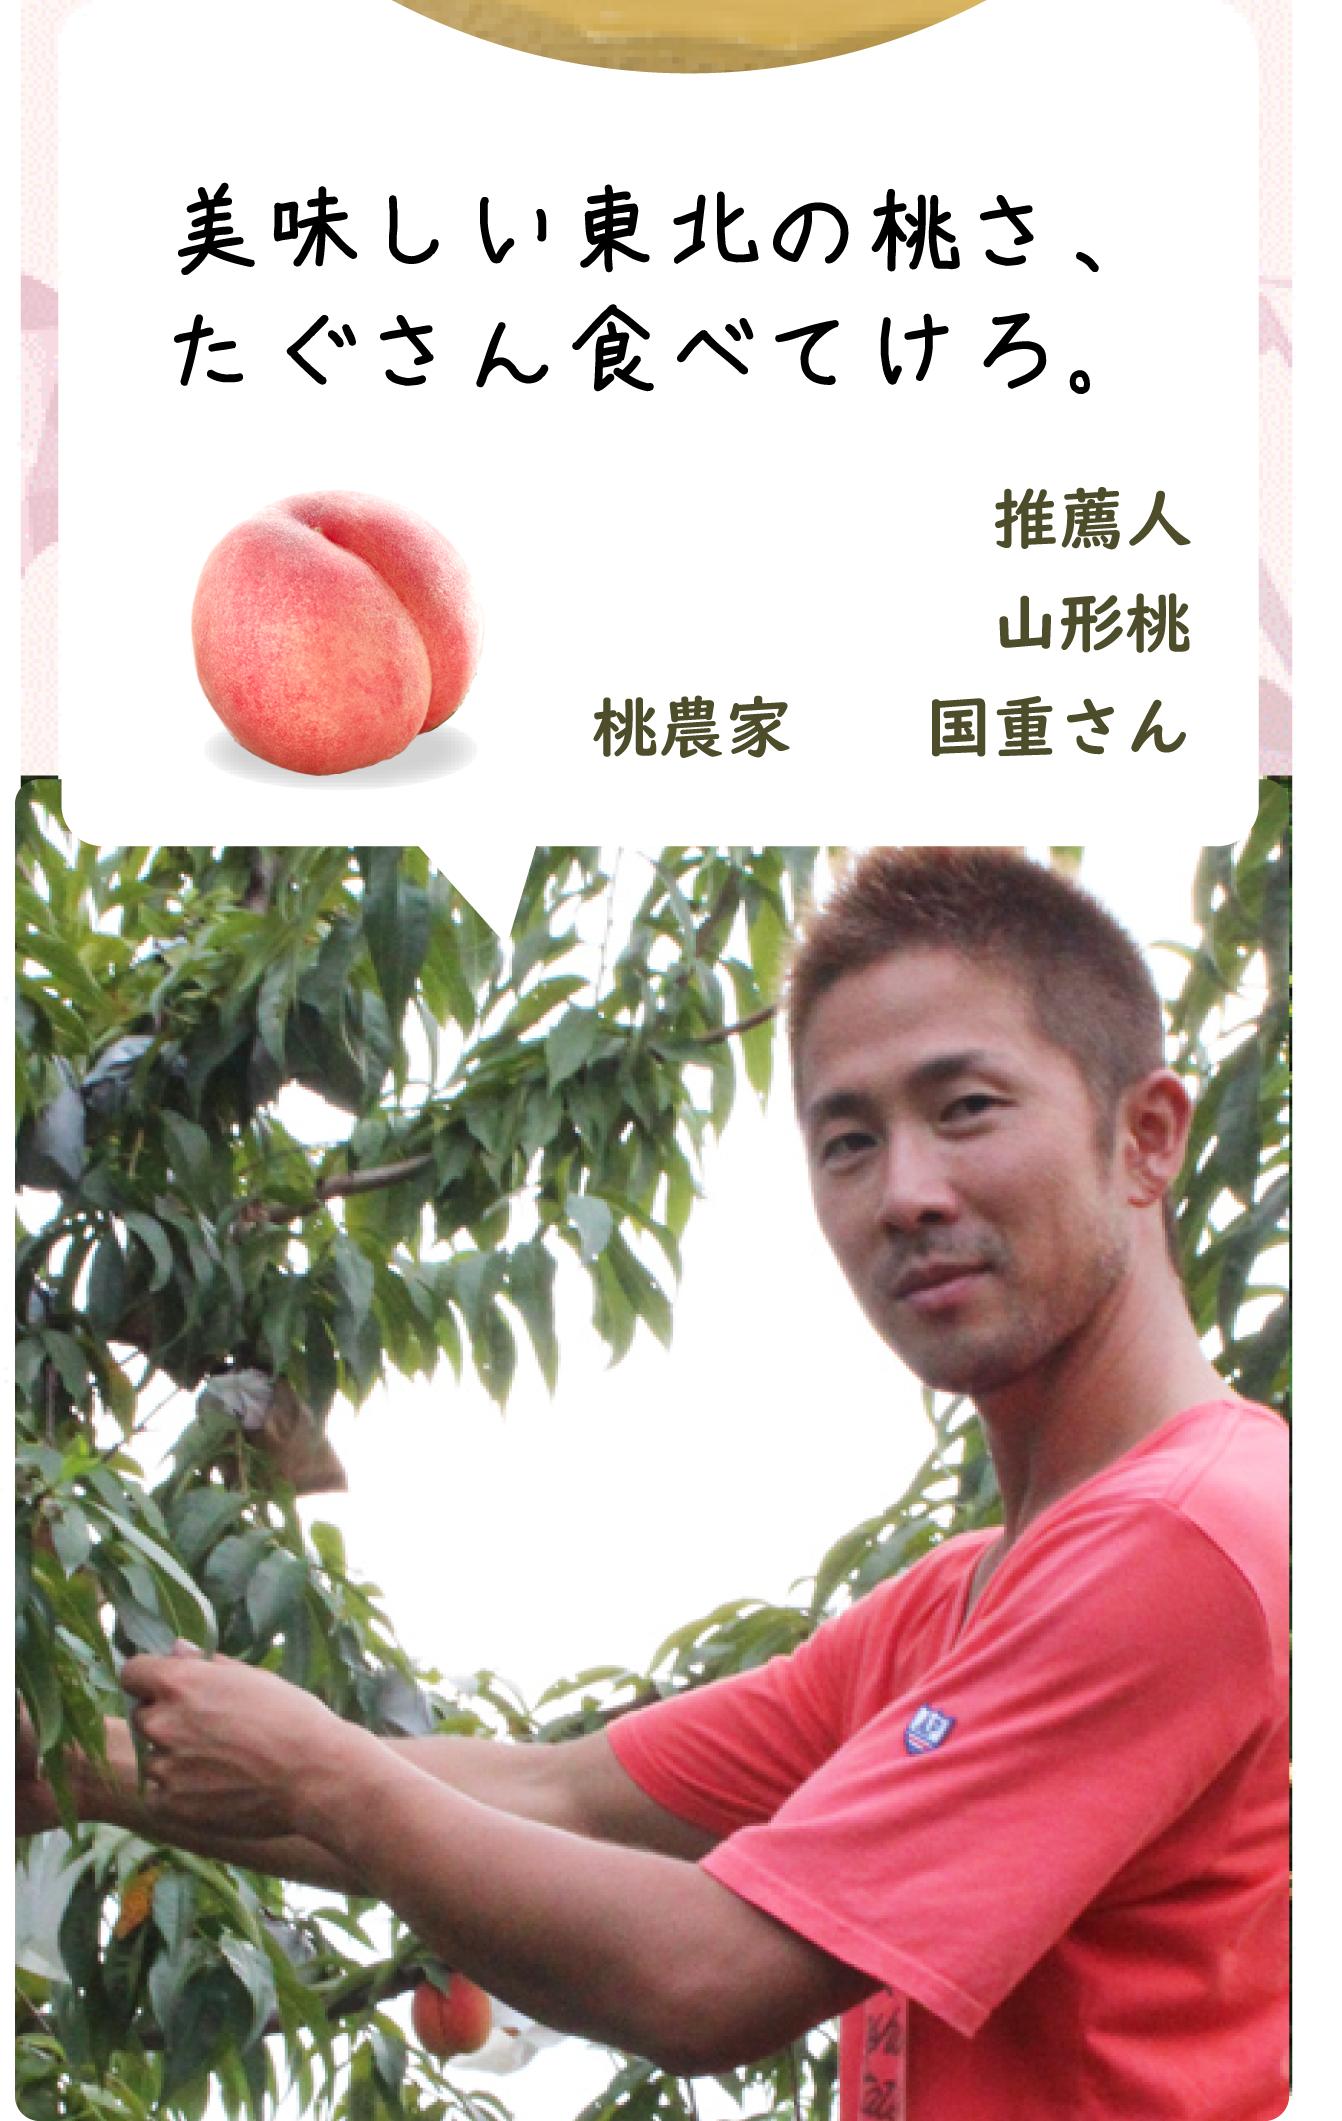 おいしい東北の桃さ たぐさん食べてけろ。 推薦人 山形桃農家 国重さん